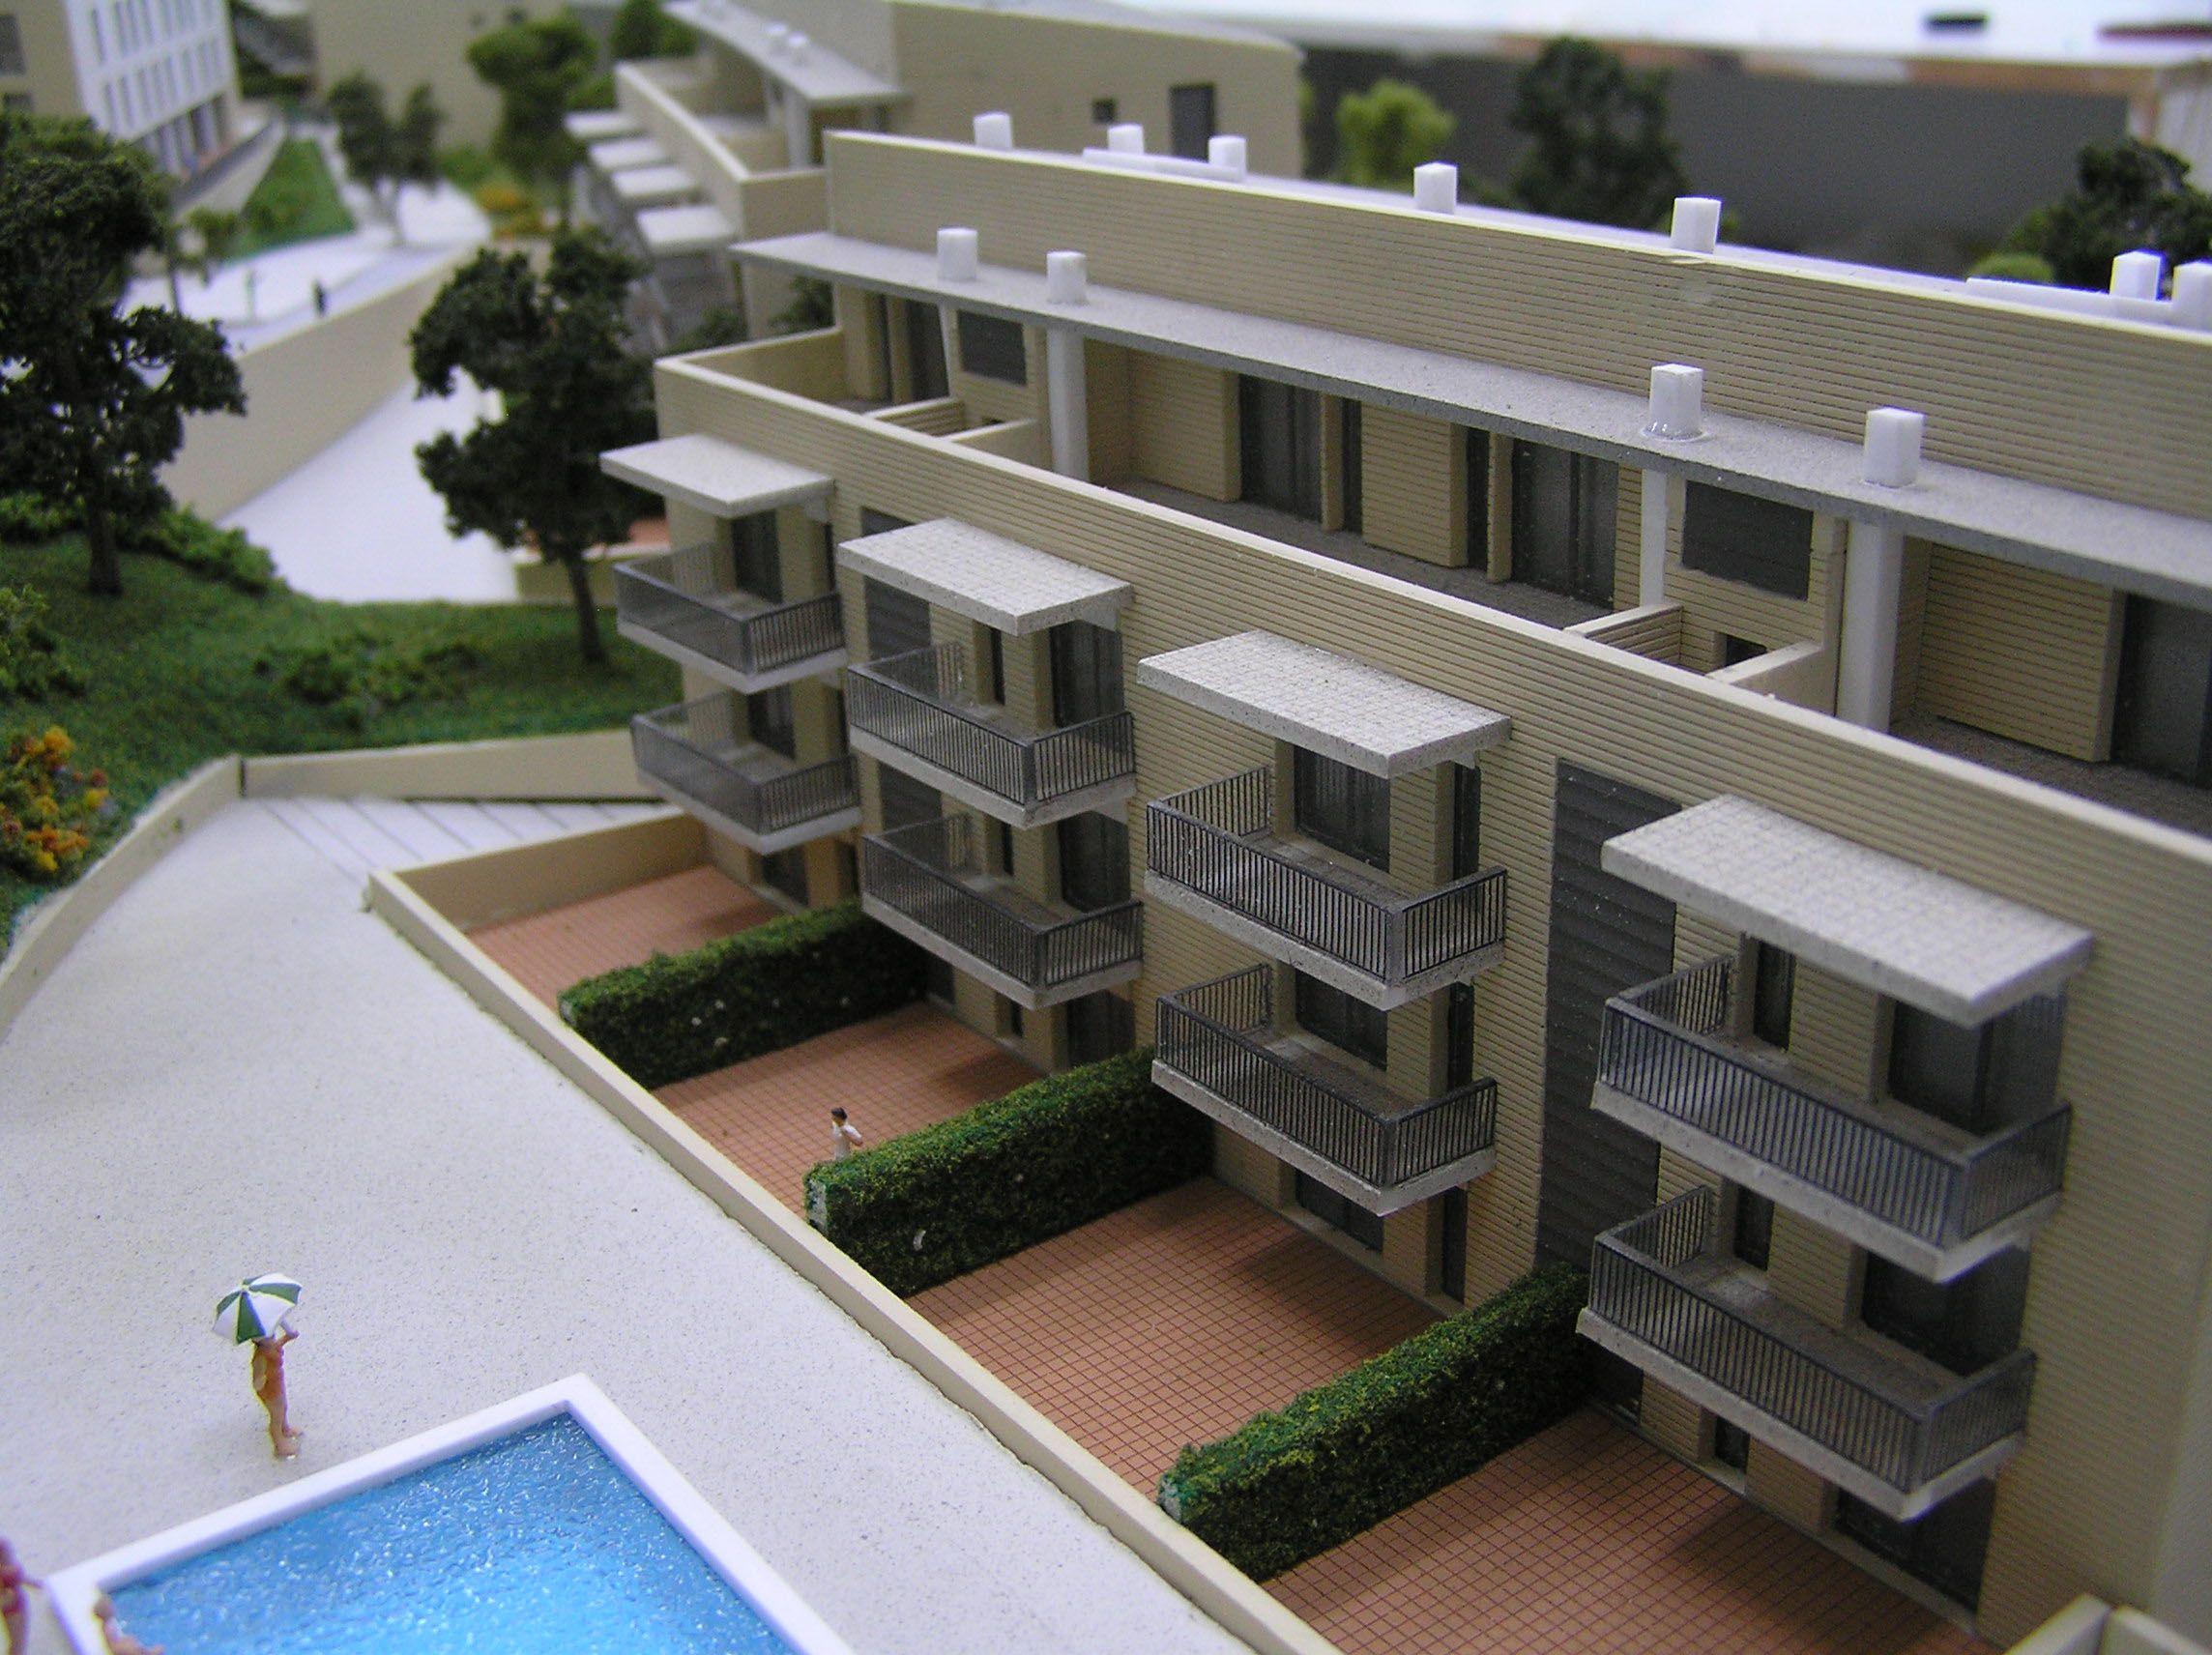 Maqueta inmobiliaria 32 arte escala especializada en Impresion 3d construccion